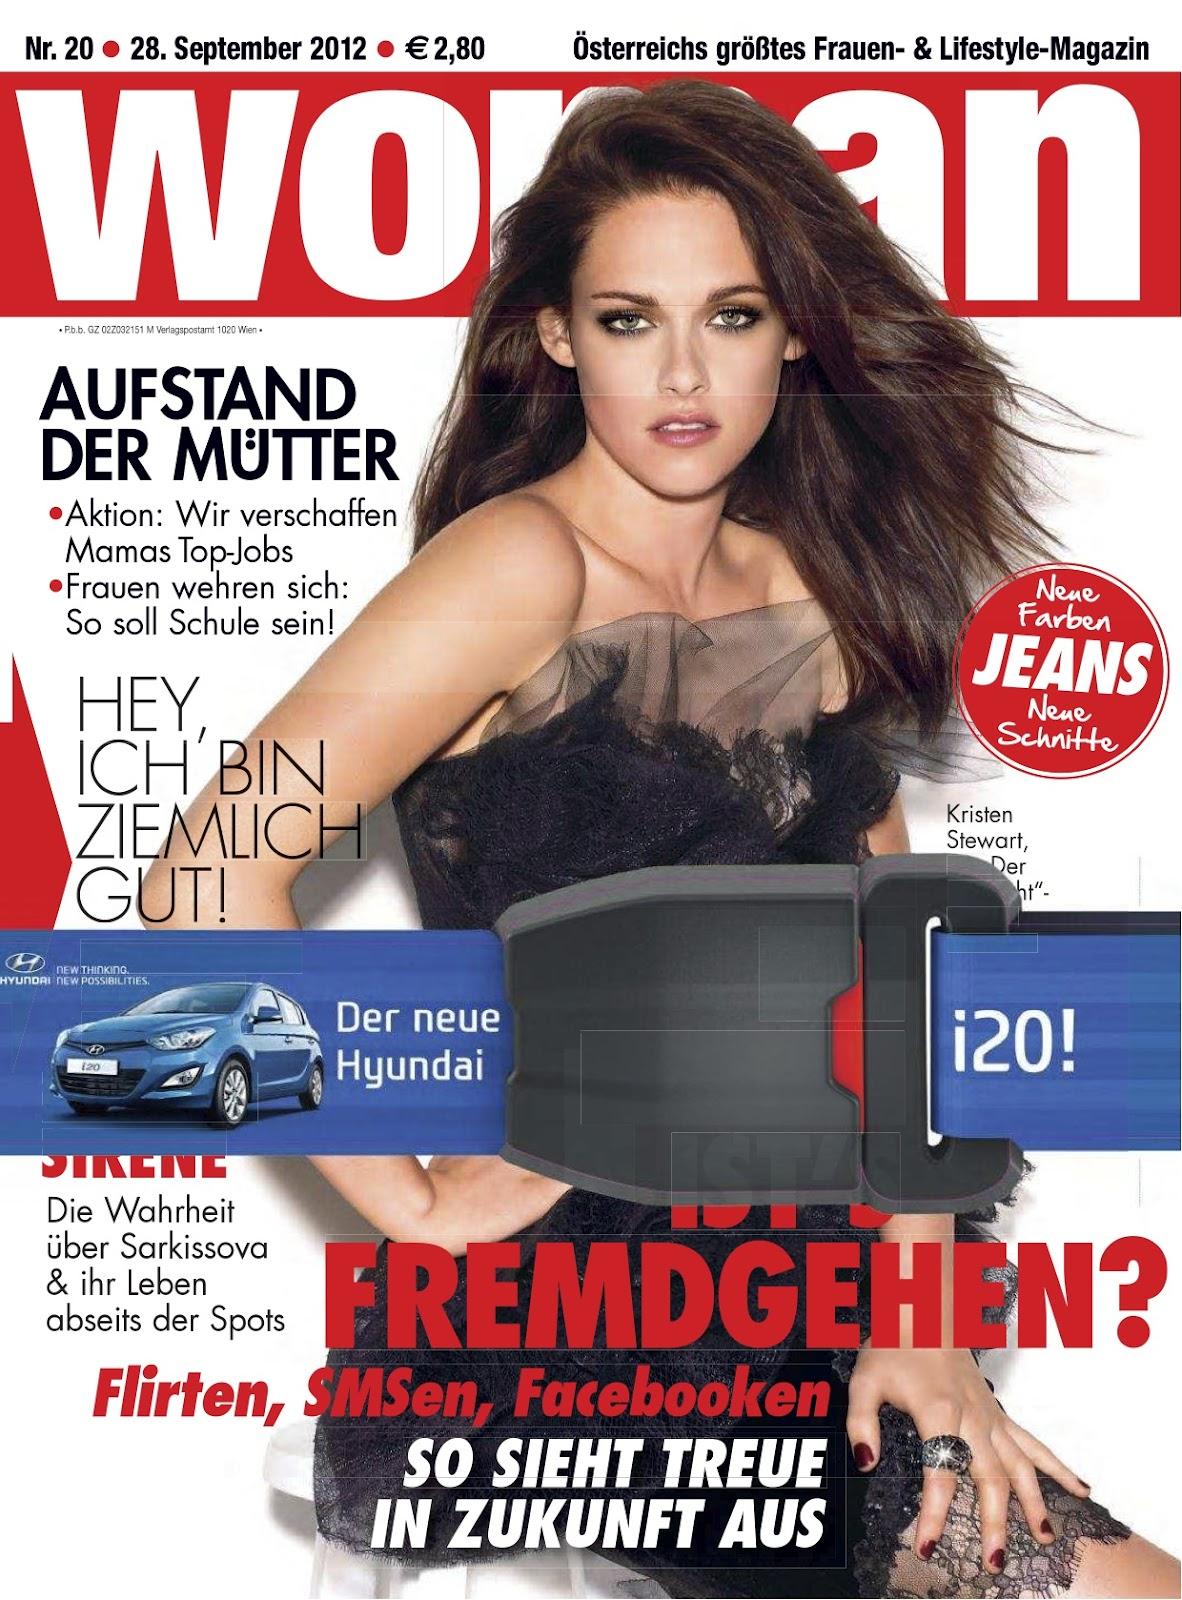 http://2.bp.blogspot.com/-Uz_d6Xj5CqY/UGd9JkpfQjI/AAAAAAAAPtI/oDvkud8EbiY/s1600/Woman+Magazin+Kristen+Stewart+Scan+1.jpg